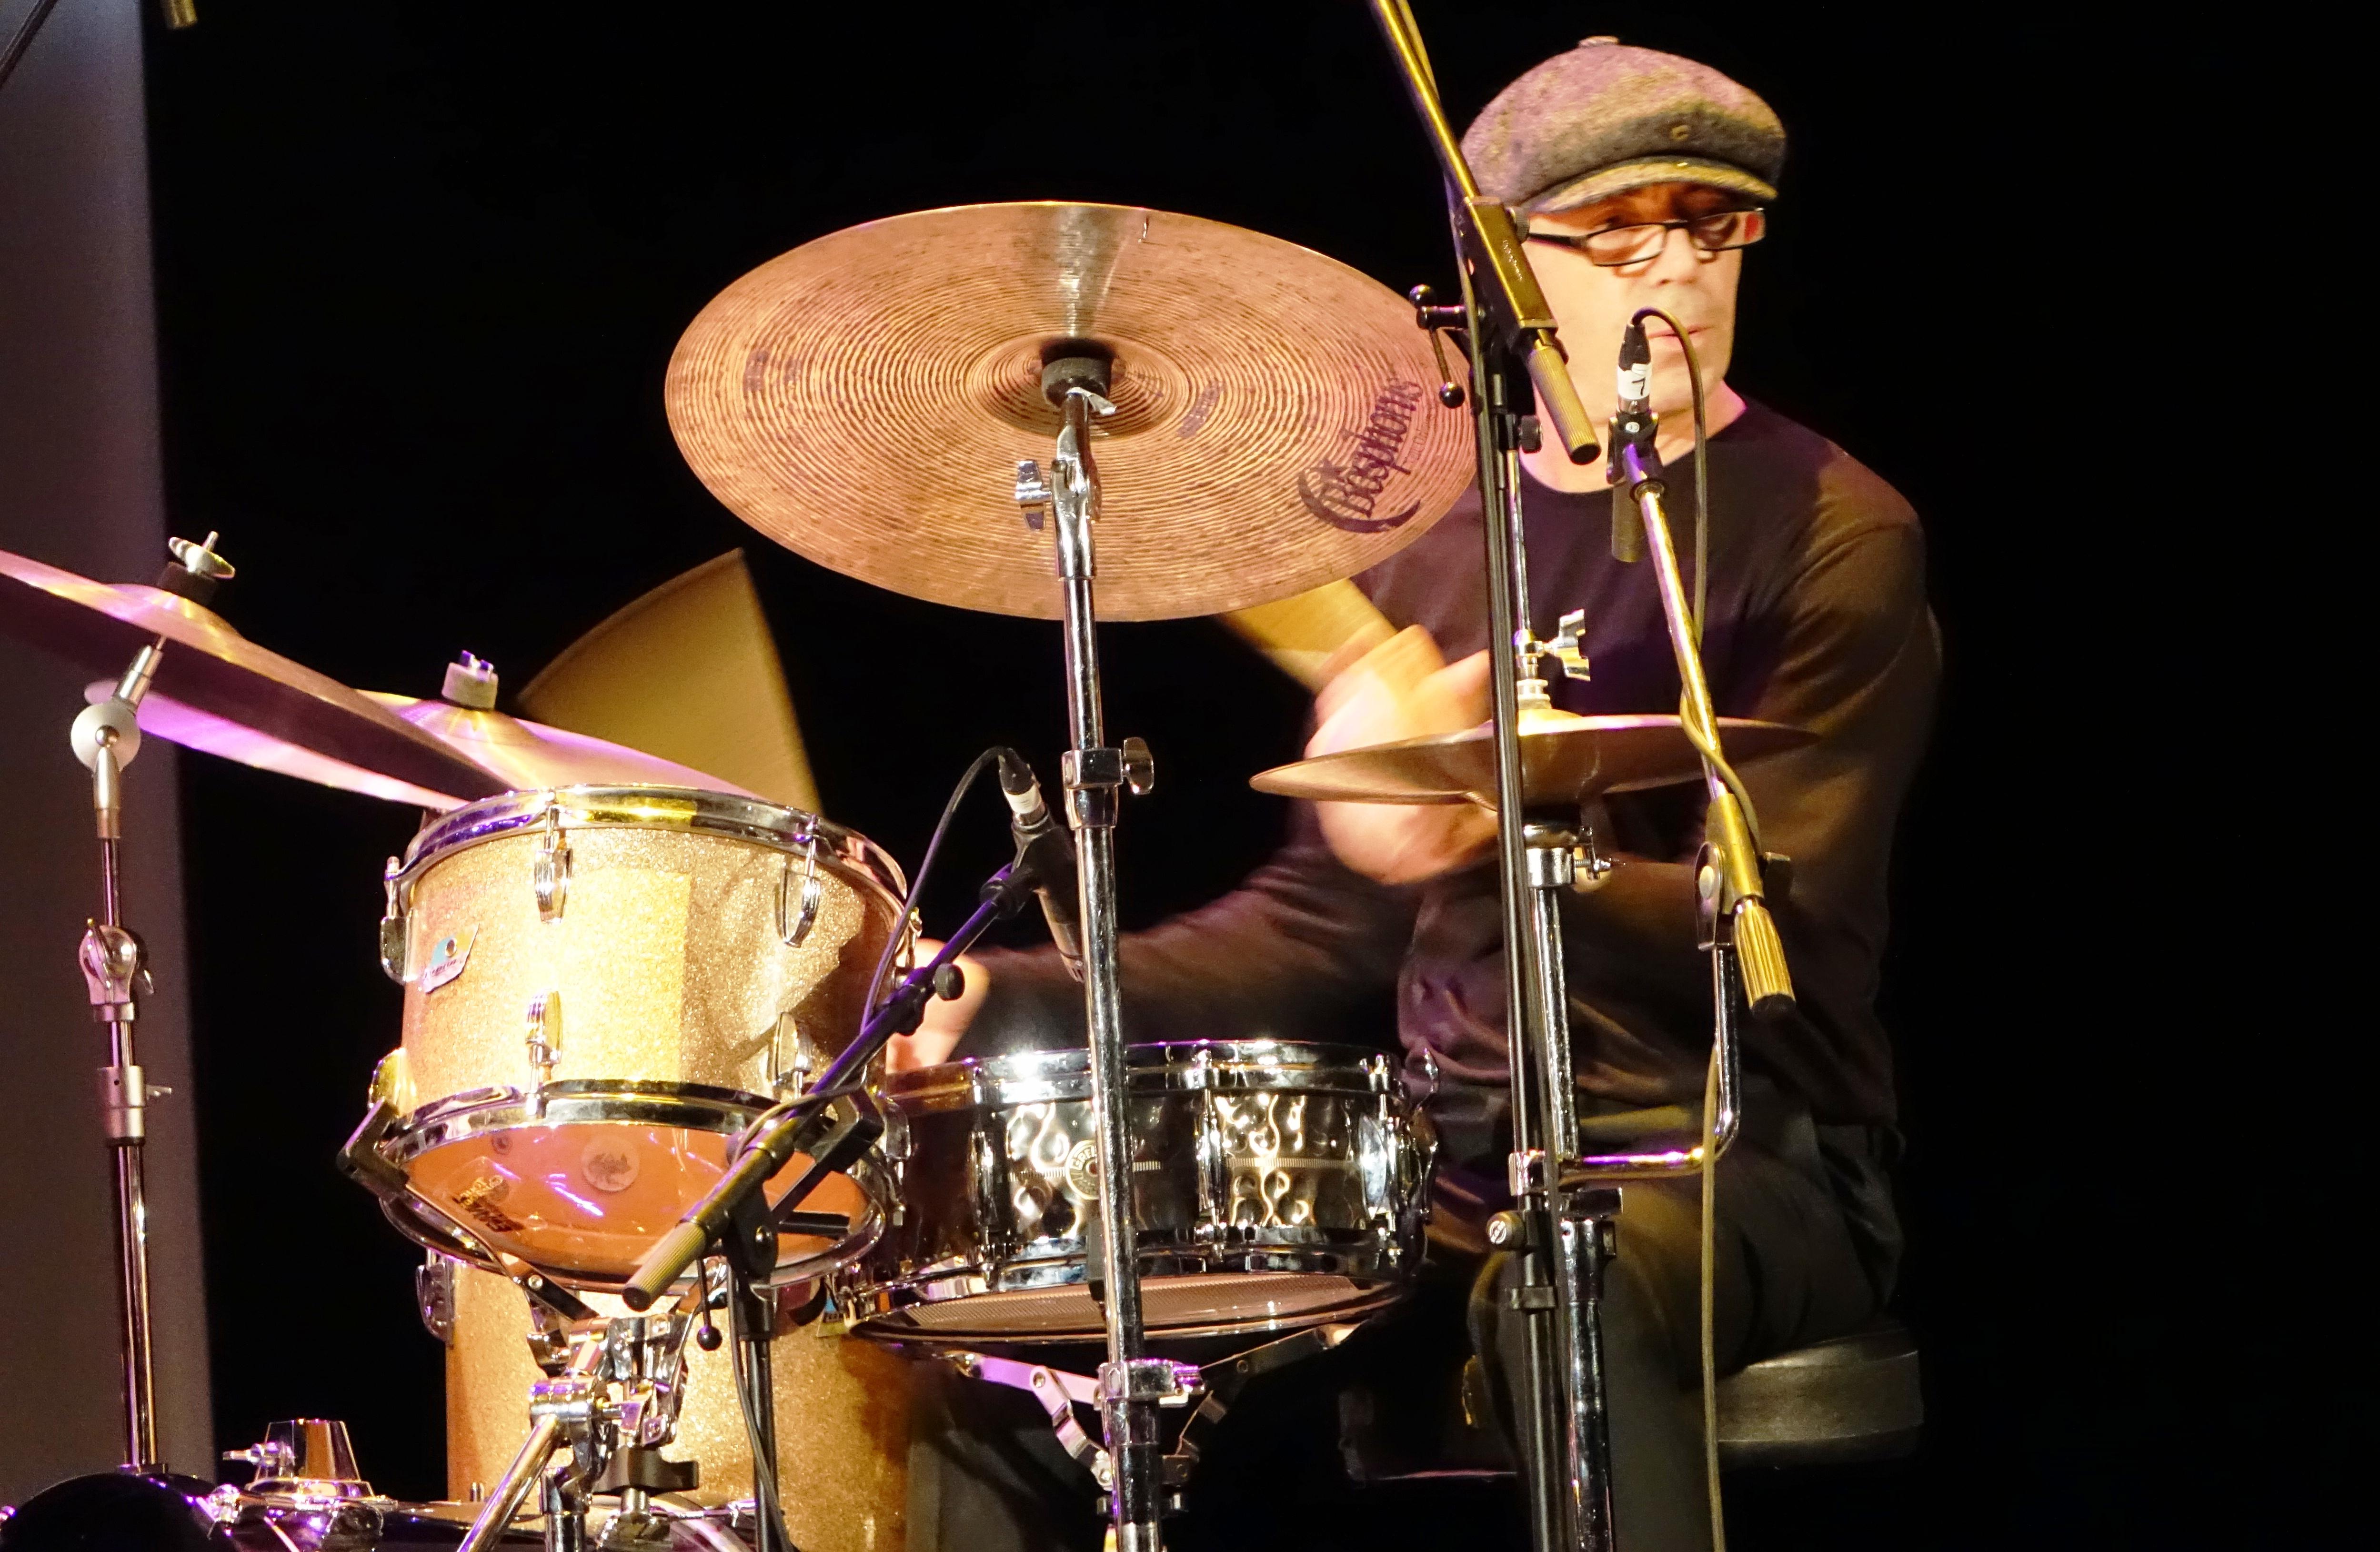 Gene Calderazzo at the Vilnius Mama Jazz Festival in November 2017